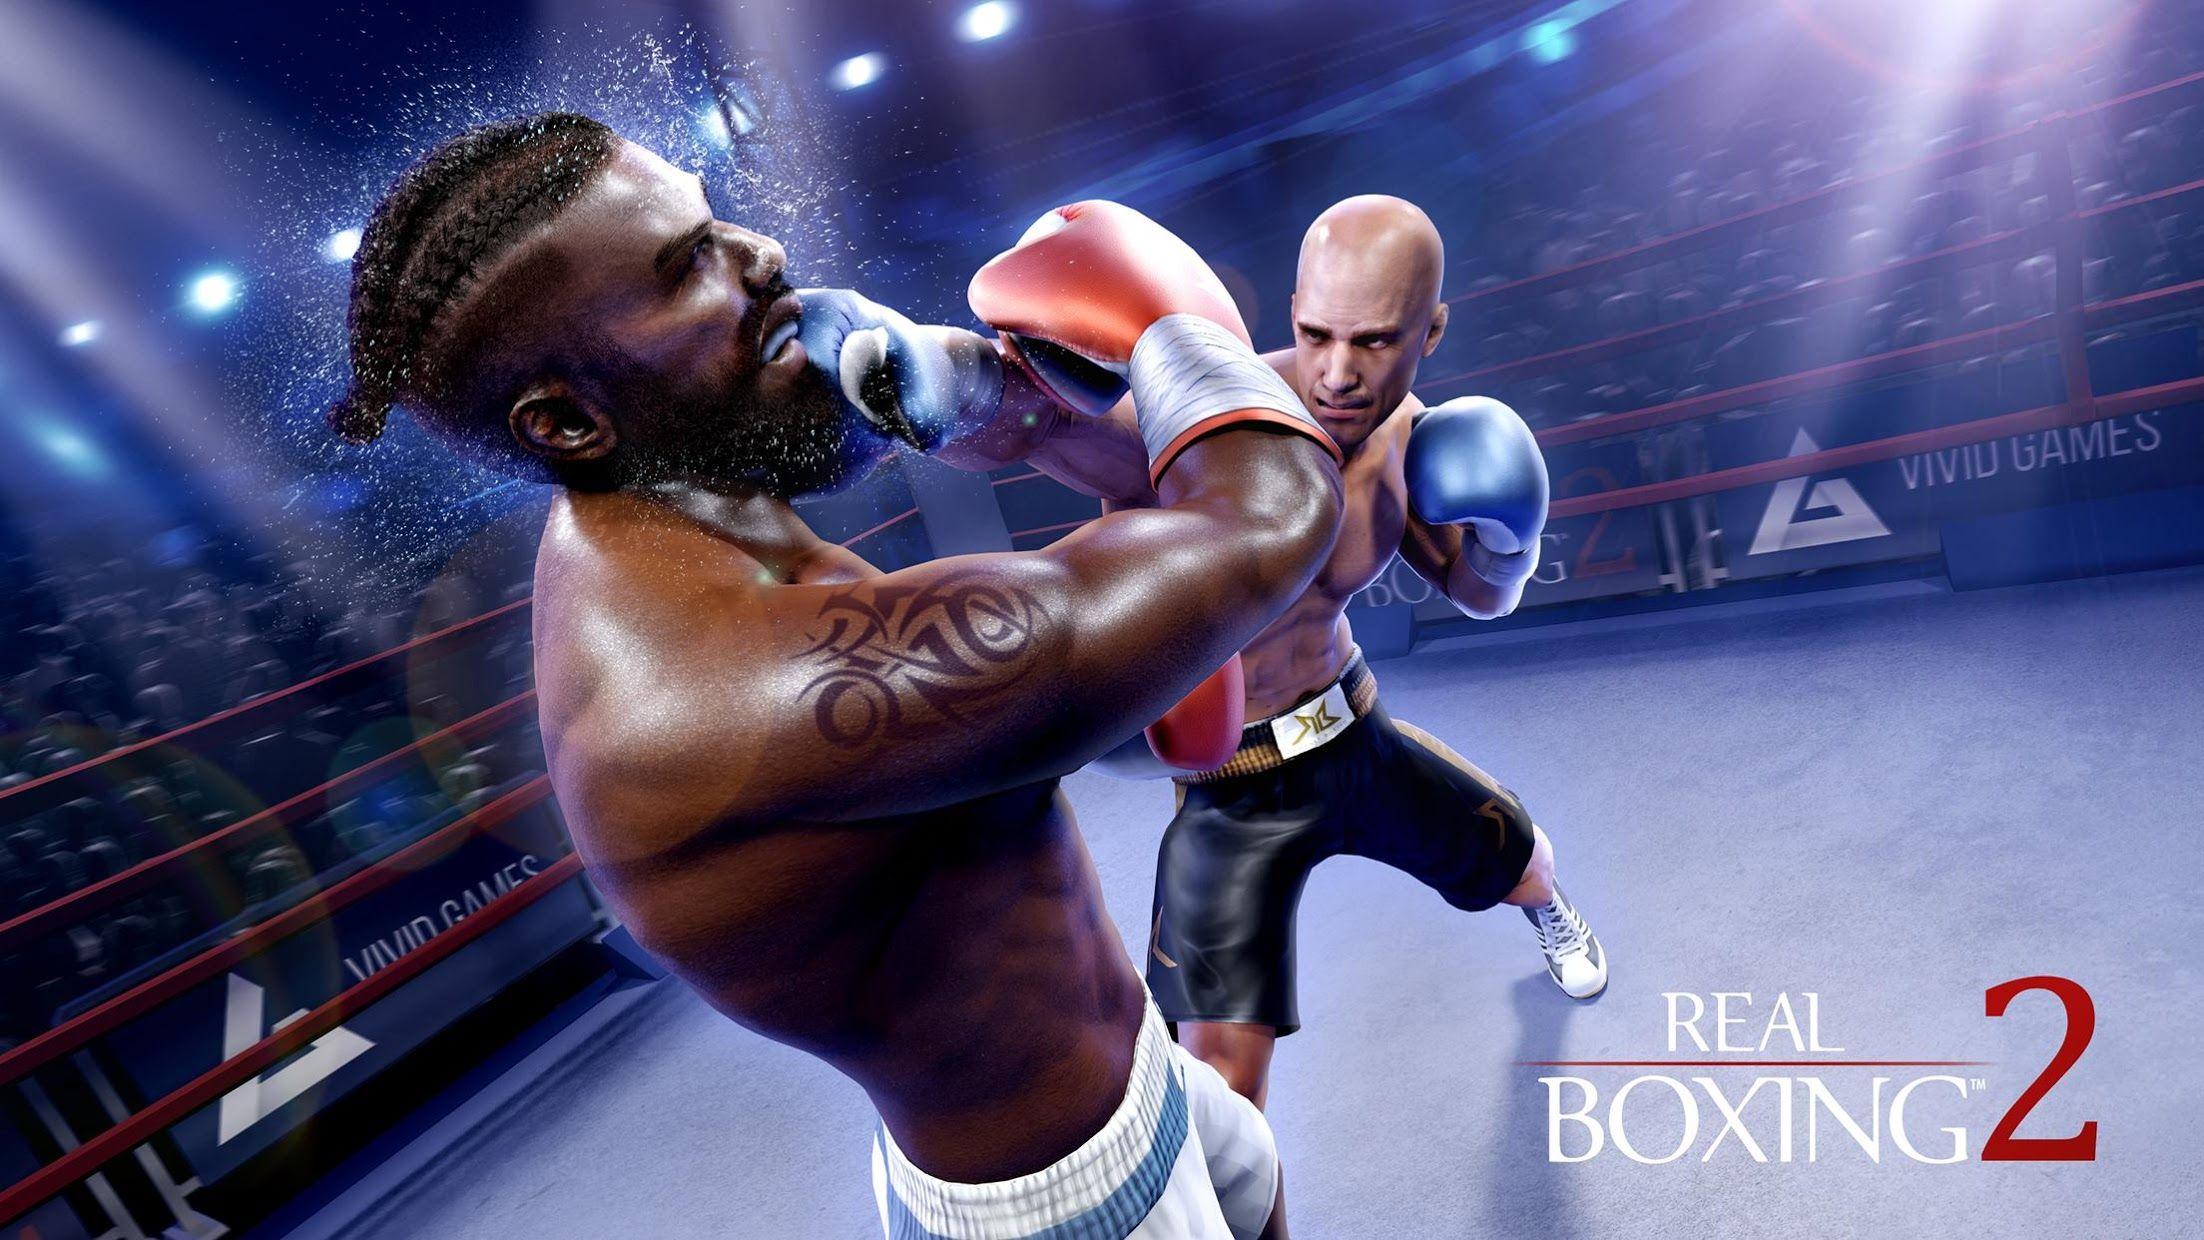 真实拳击2:洛奇 游戏截图2